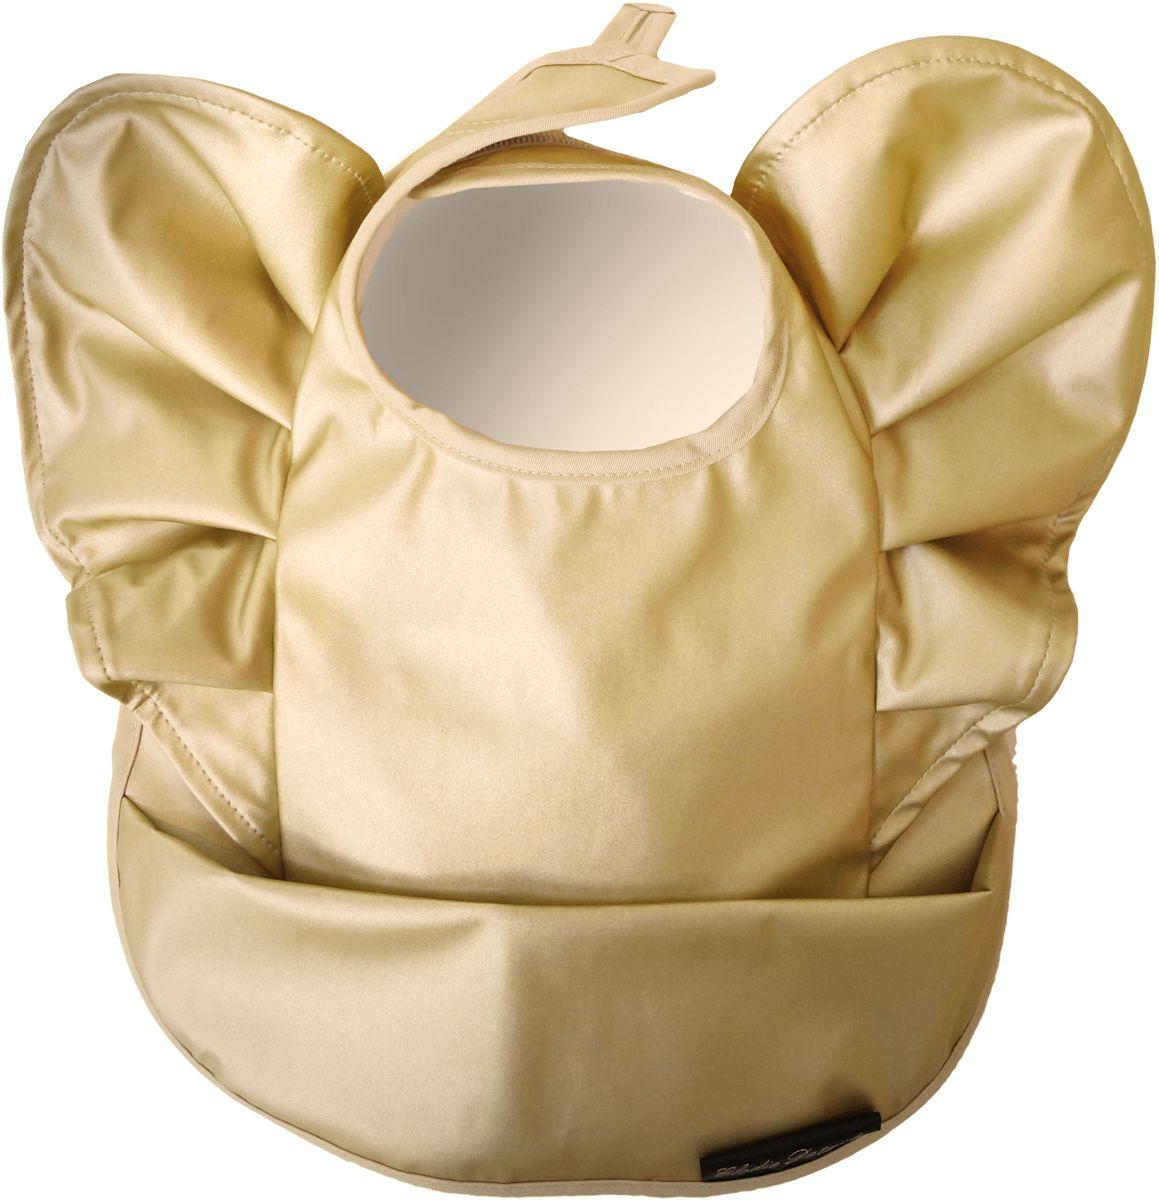 Elodie Details Нагрудник Golden Wings от 3 месяцев elodie details пустышка marble grey от 3 месяцев